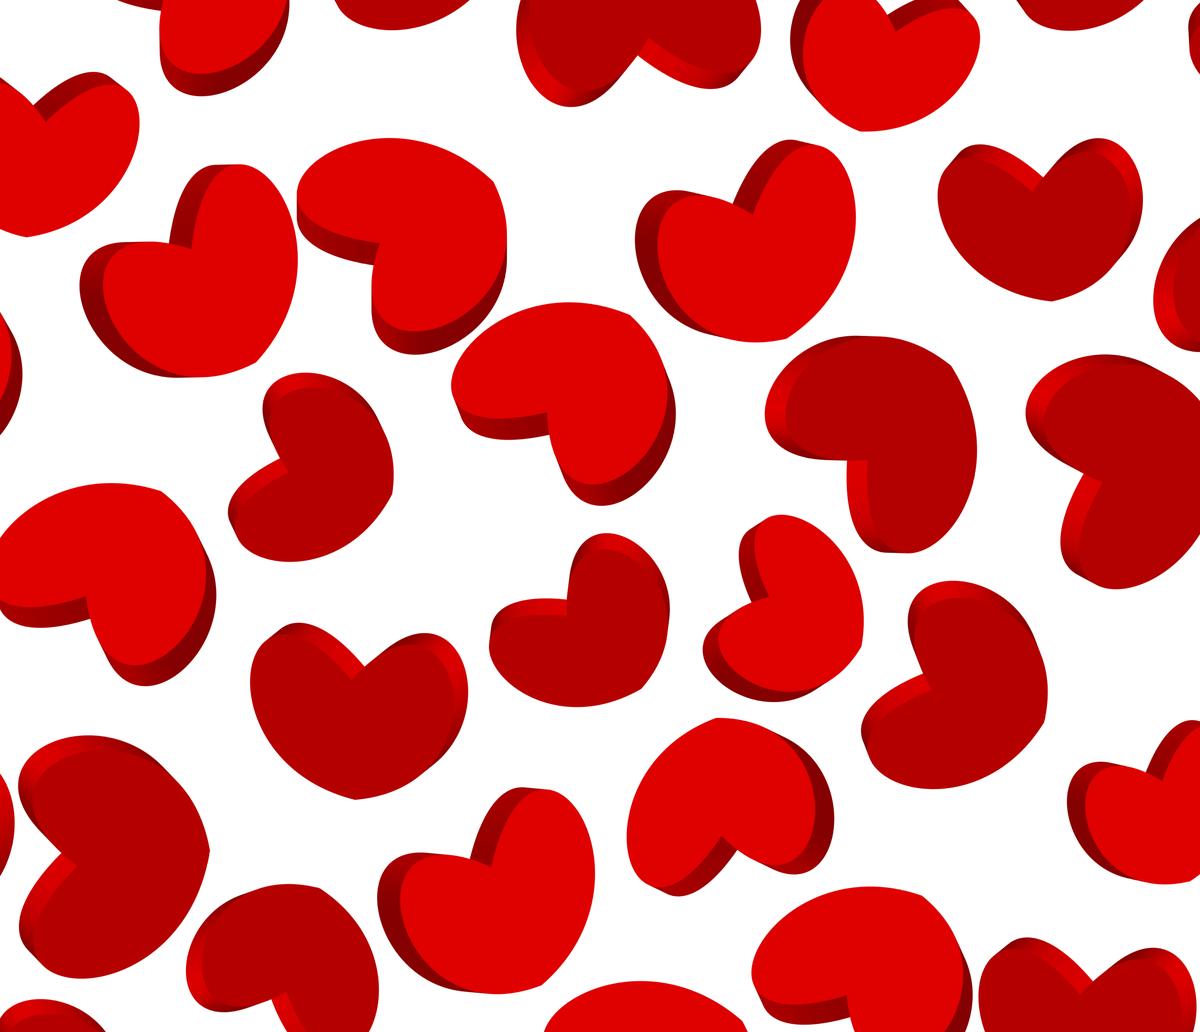 Картинка с сердечками на а4, цветами пасхе